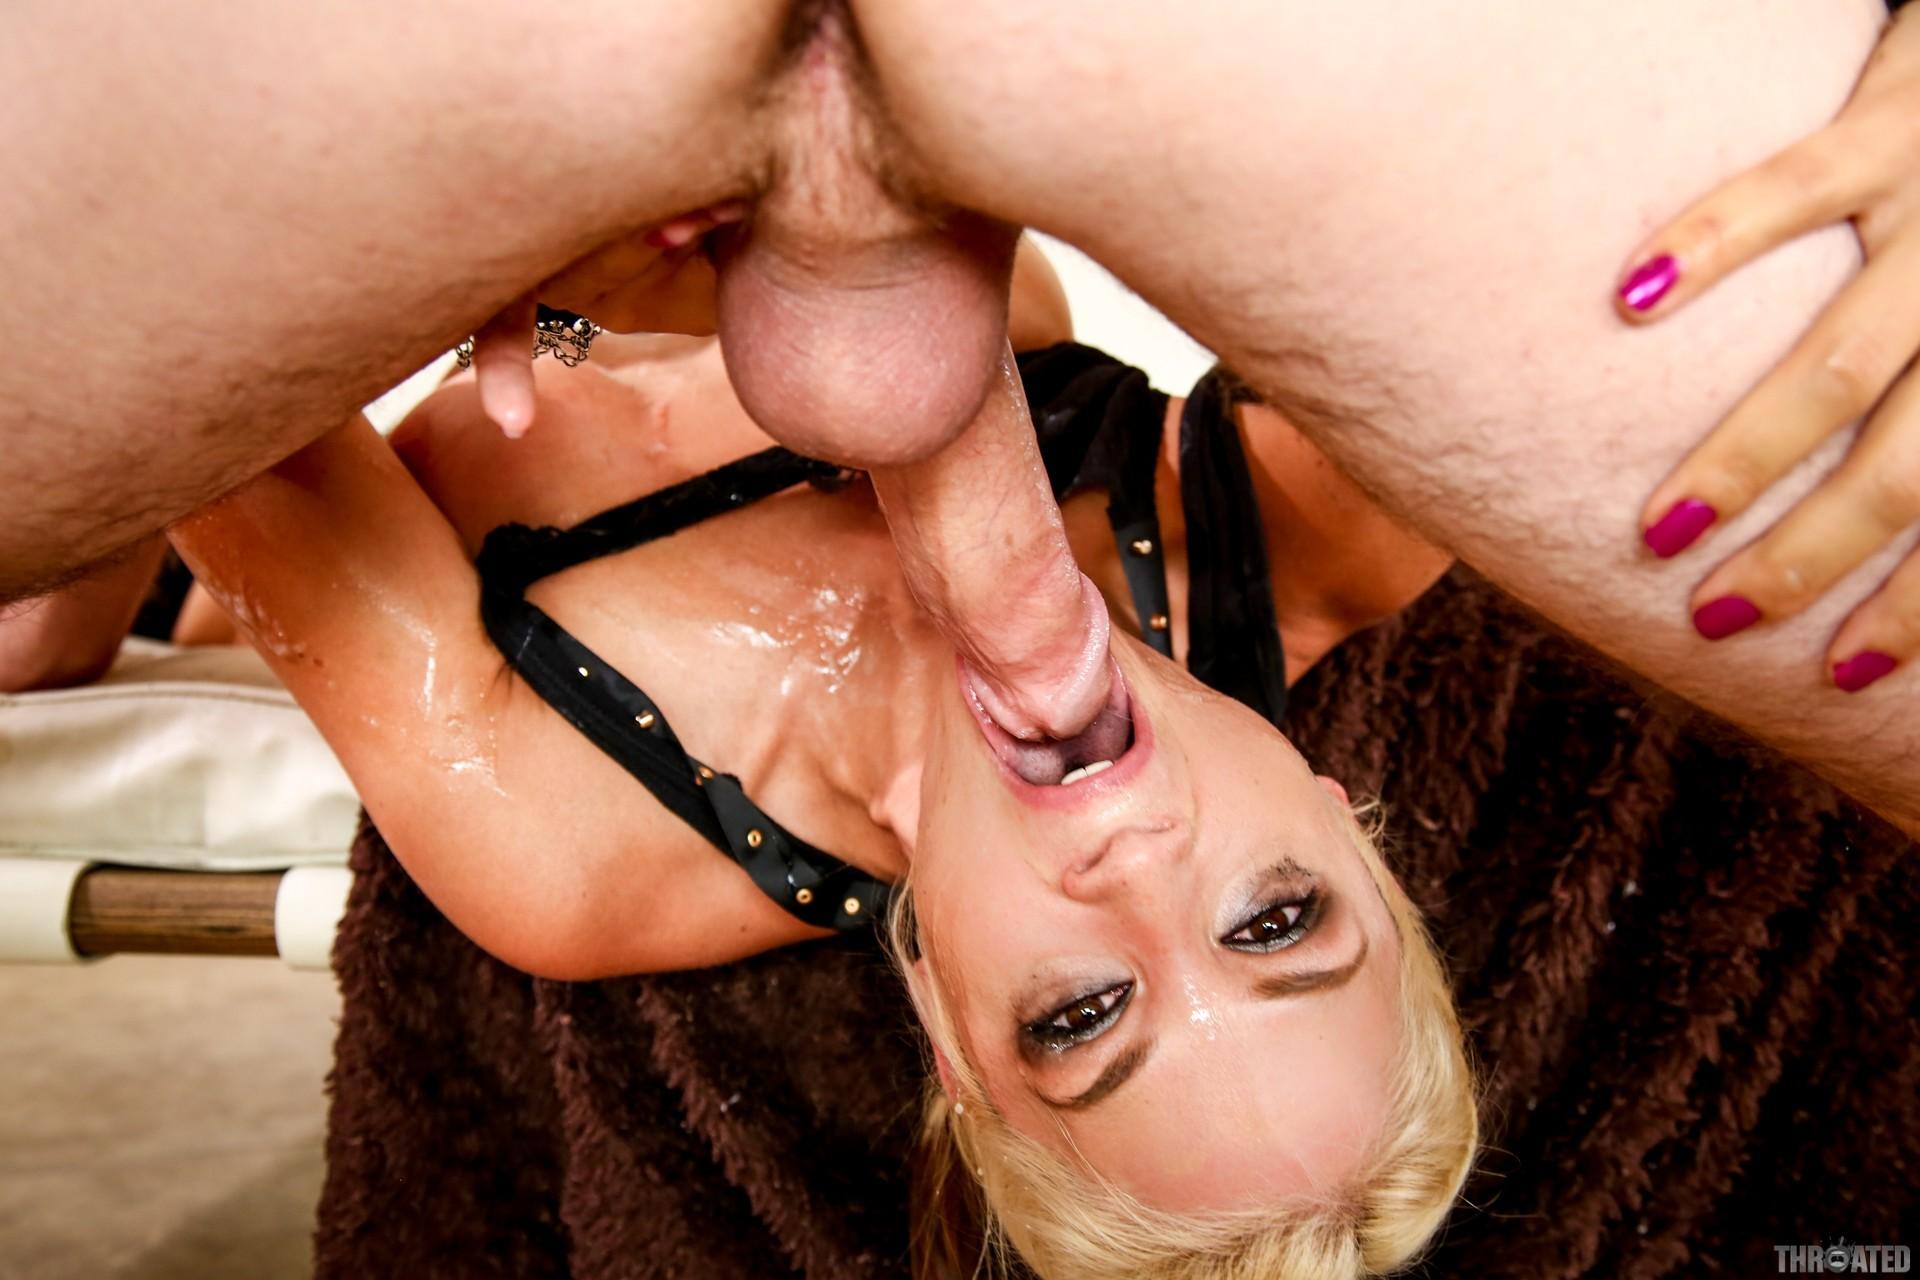 lesbian-sarah-vandella-deepthroat-big-cock-nudes-abs